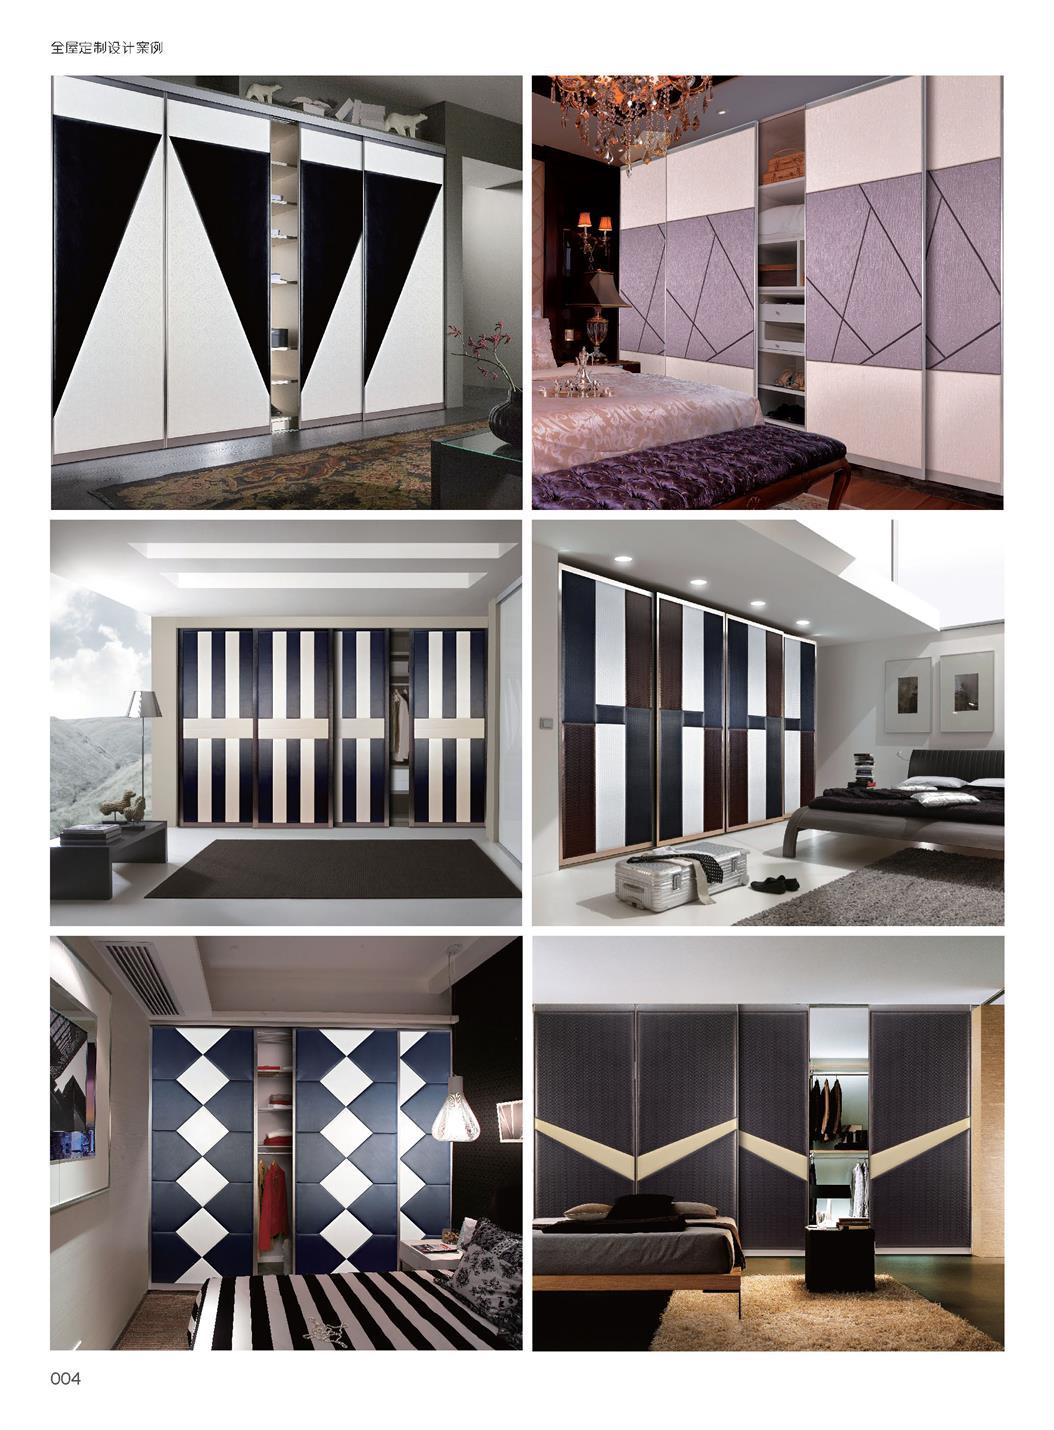 宁德卧室家具生产厂家-优惠的卧室家居推荐给你